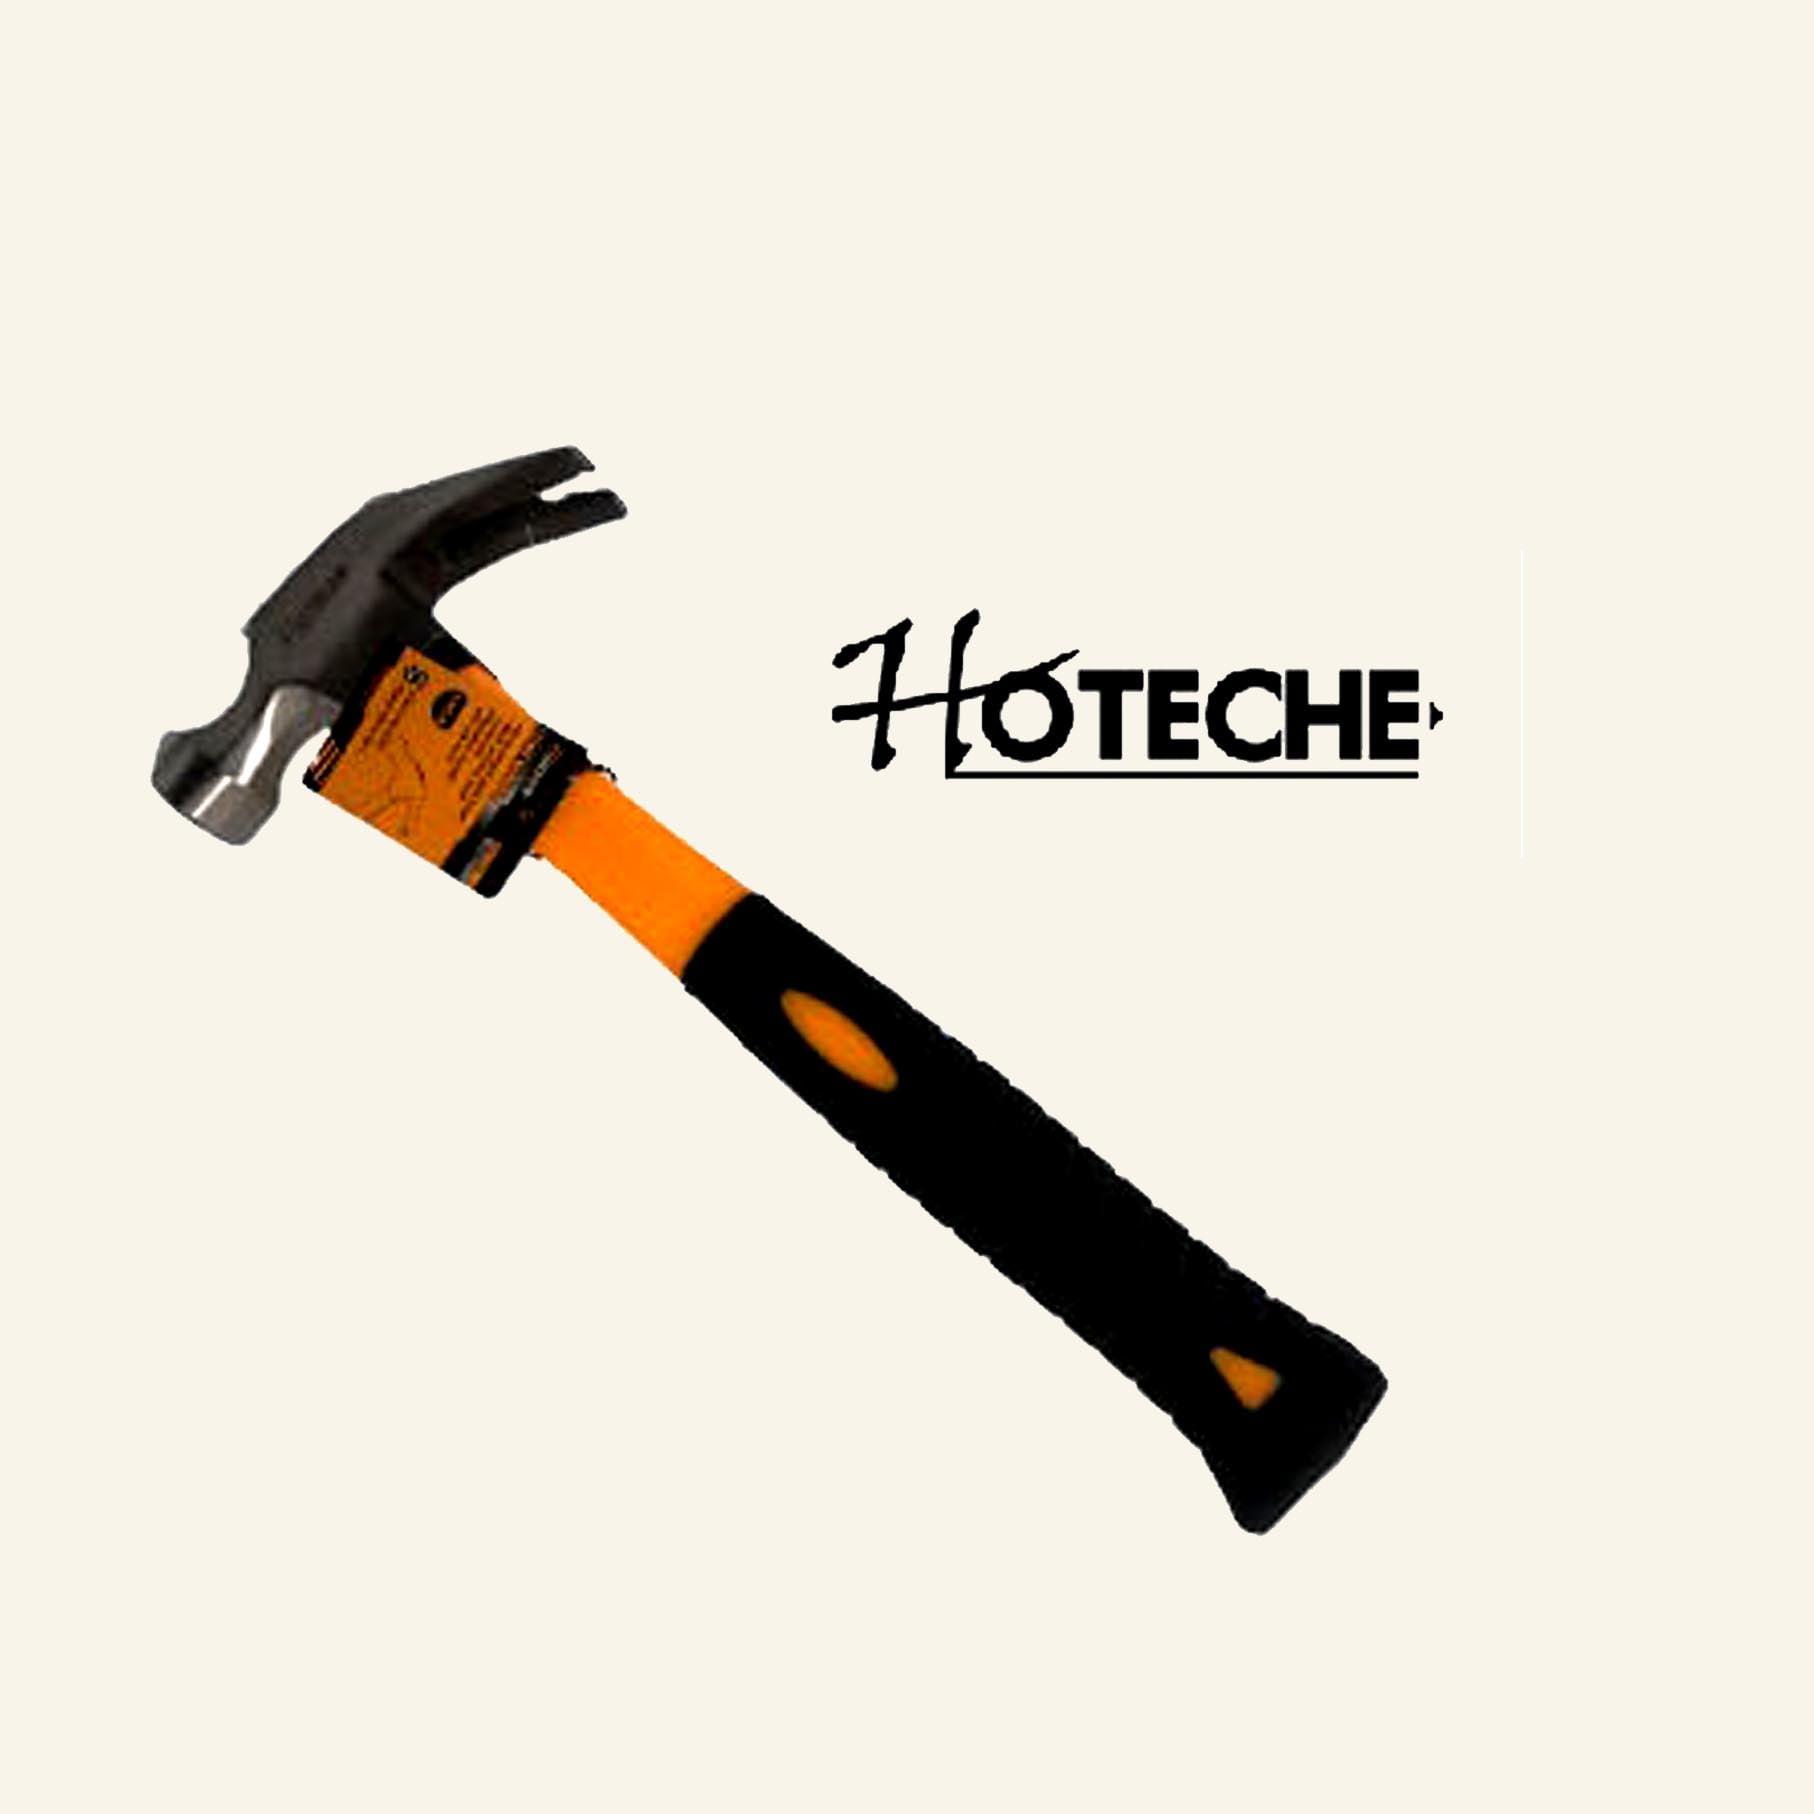 פטיש תפסן ידית פיבר  מבית חברת HOTECHE